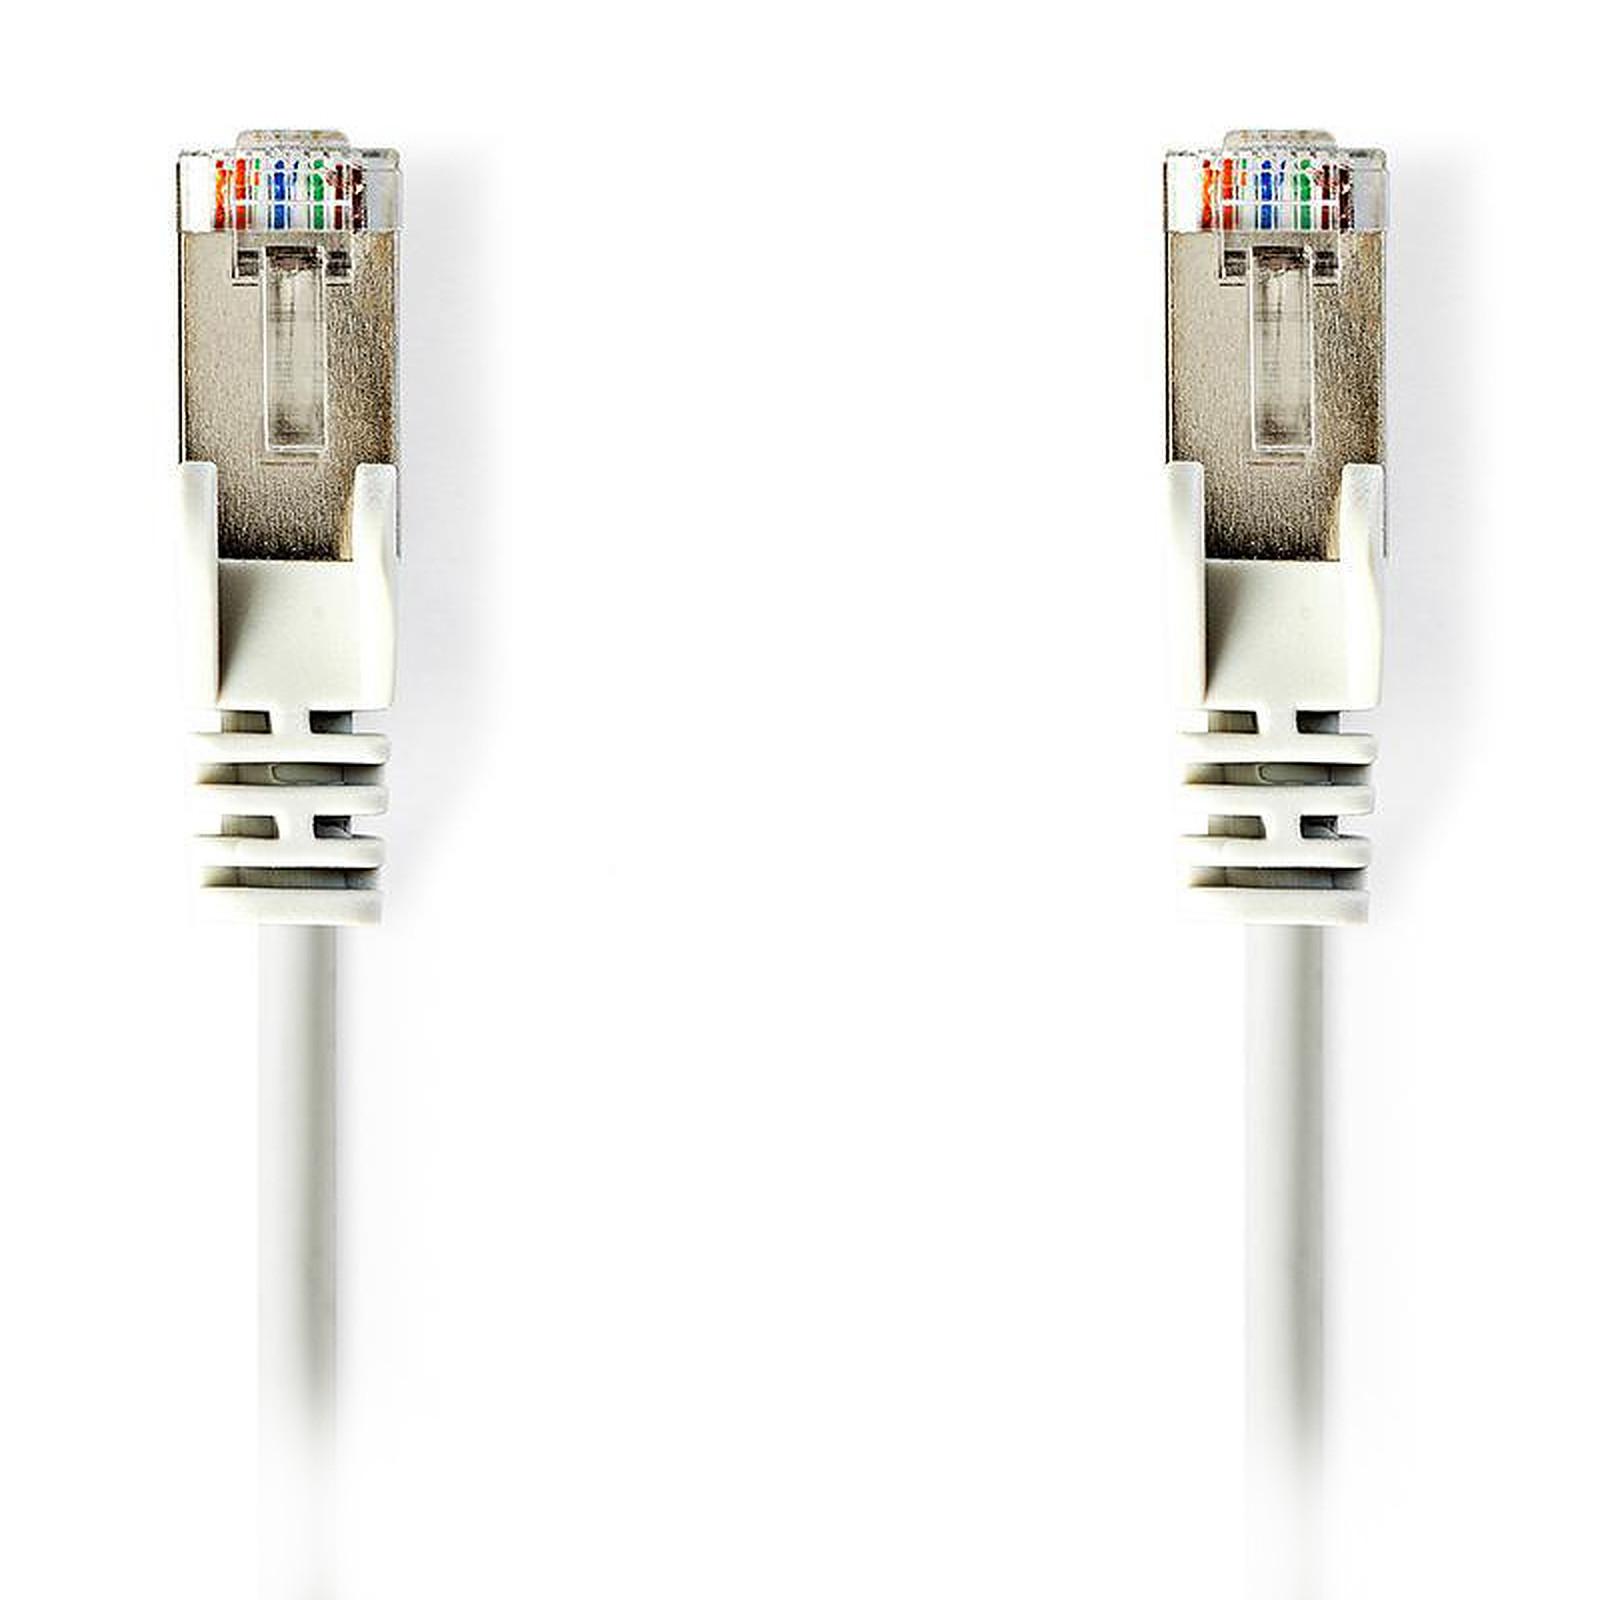 Nedis RJ45 categoría de cable 5e SF/UTP 1,5 m (Blanco)